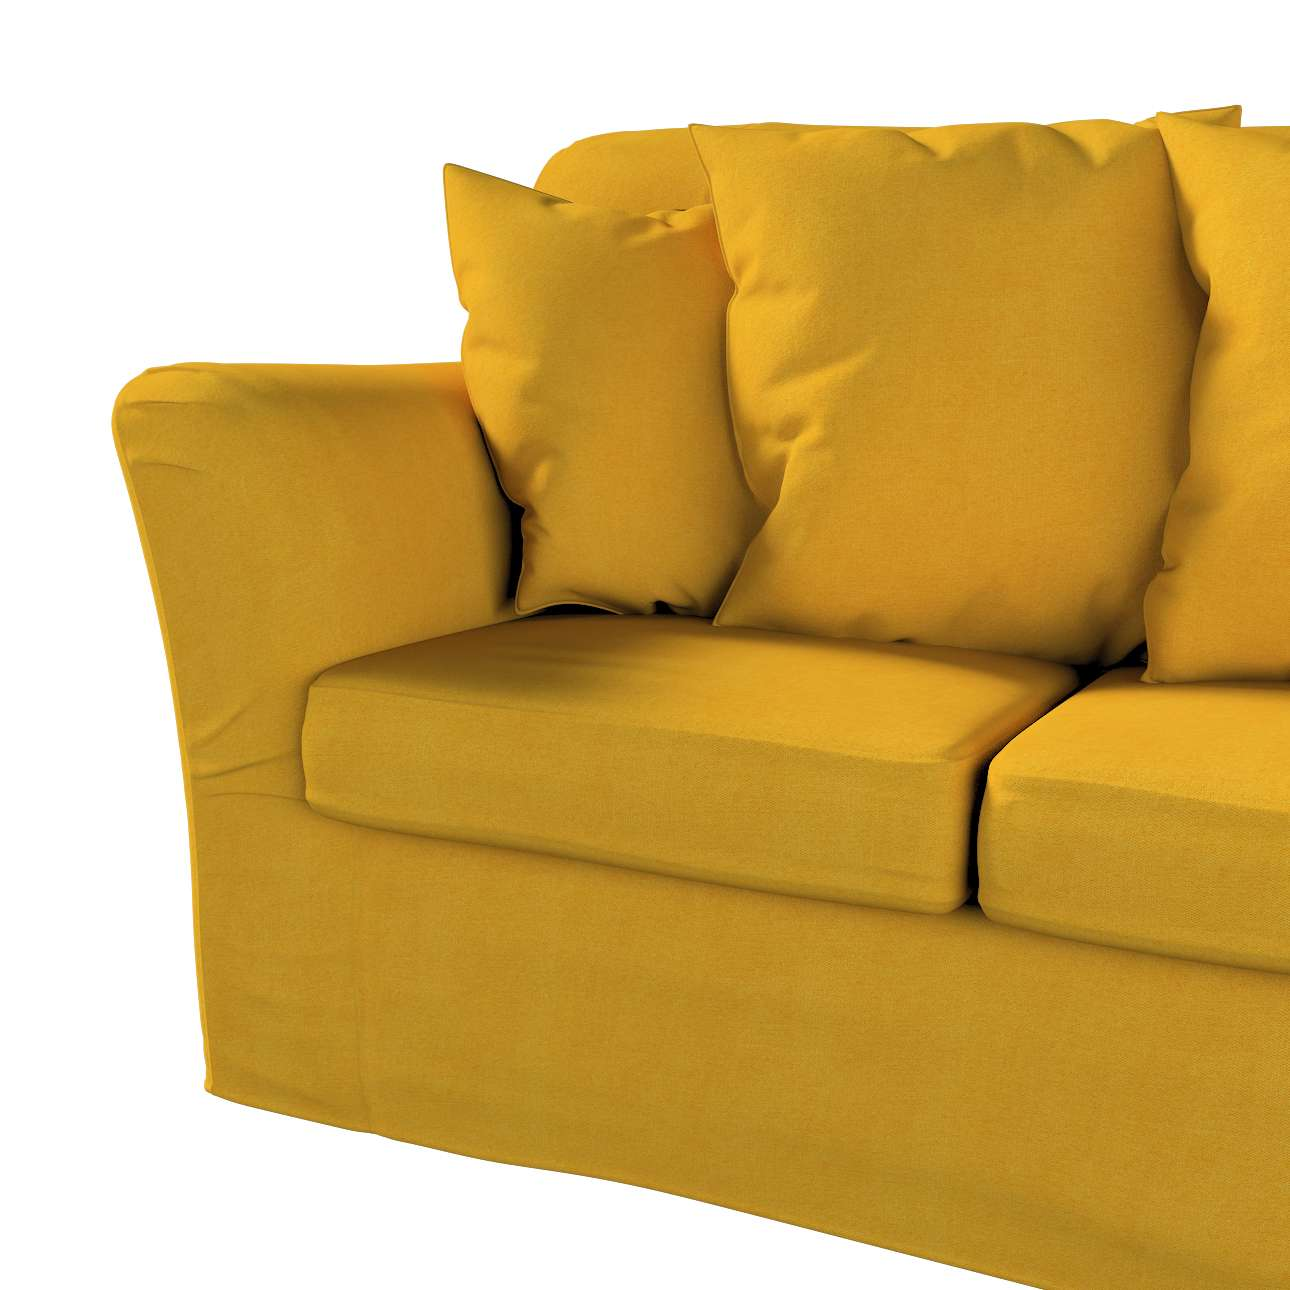 Pokrowiec na sofę Tomelilla 3-osobową nierozkładaną w kolekcji Etna, tkanina: 705-04